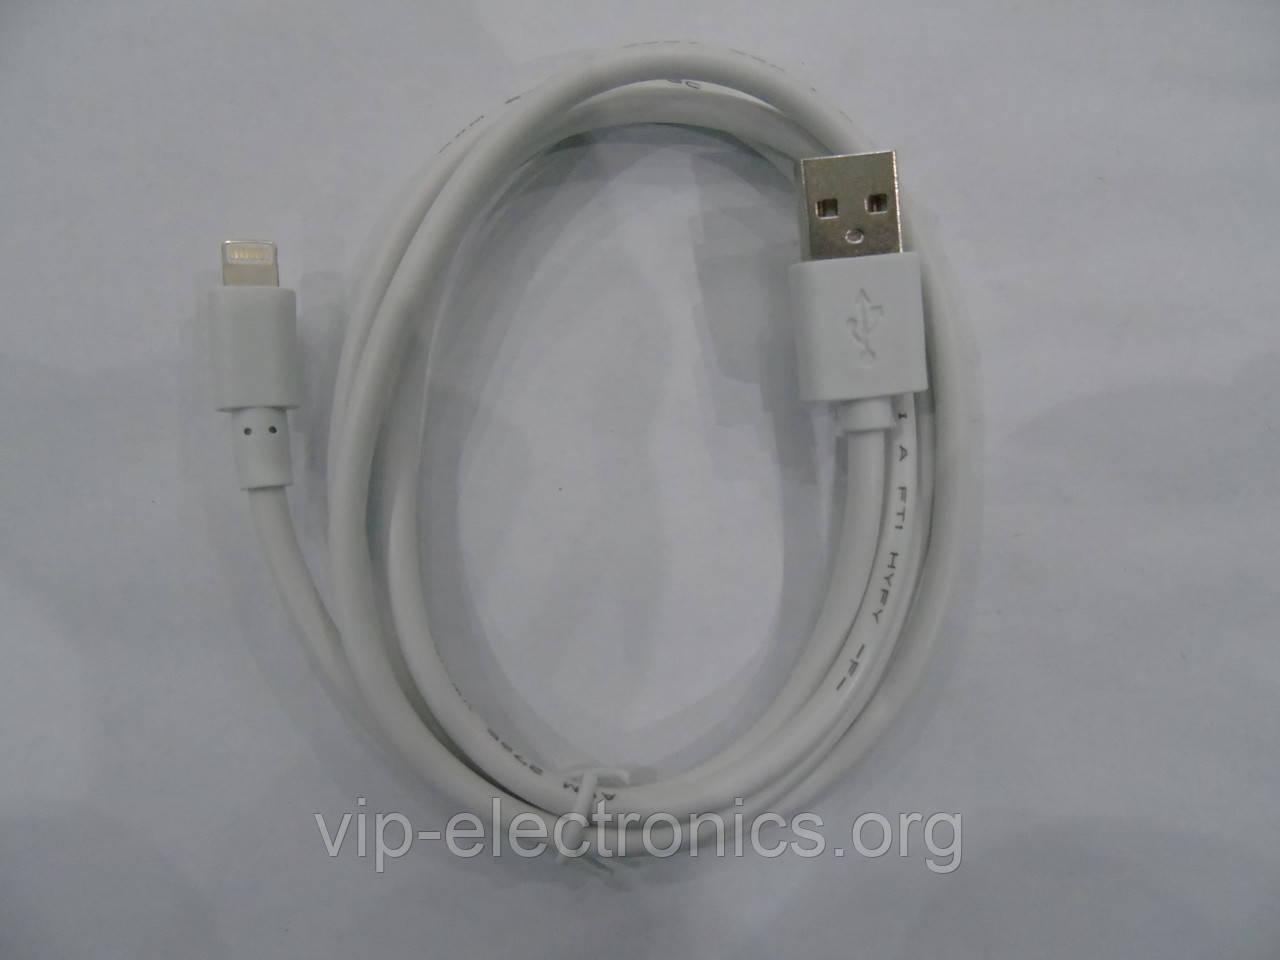 Шнур  USB-Iphone 5/6 1m REMAX в пакеті